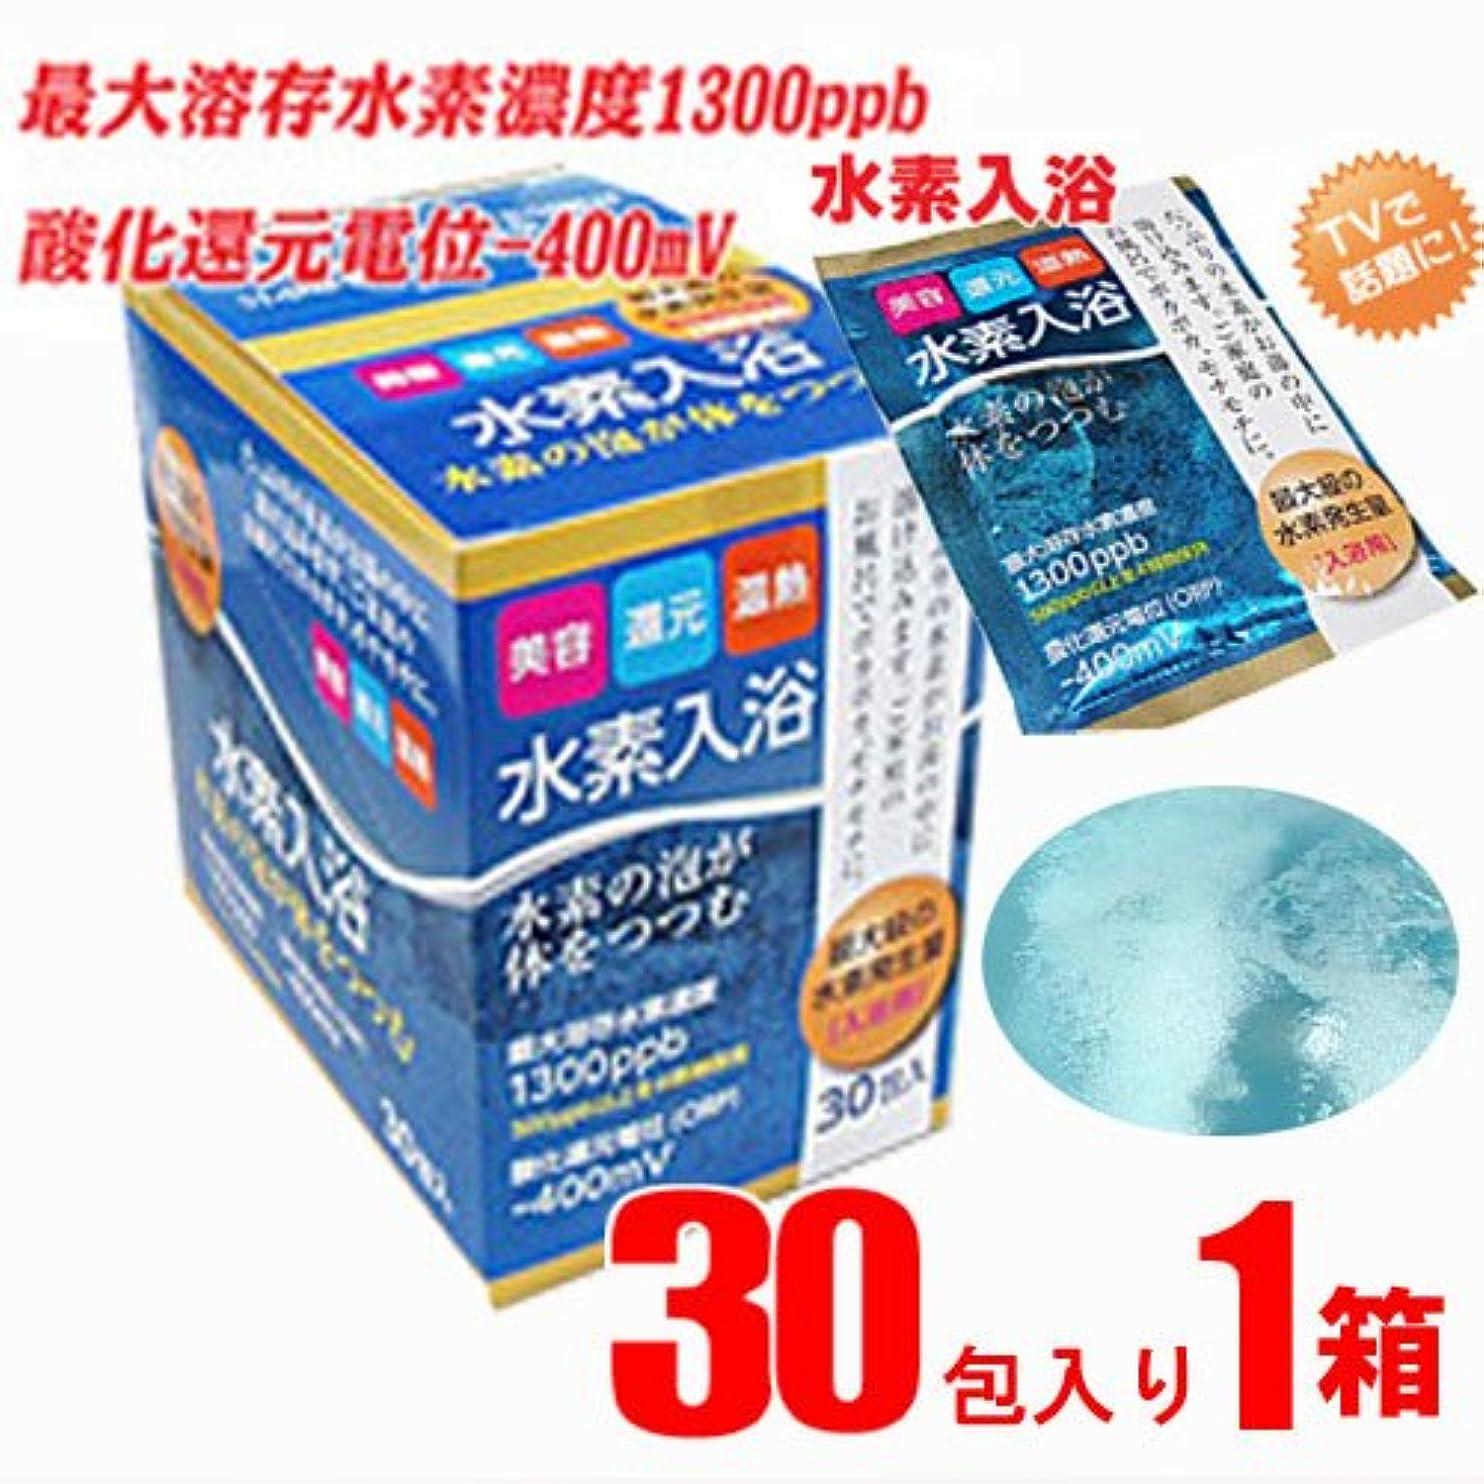 達成可能前進リフレッシュ【30包】水素入浴 35gx30包 (4573360821029)